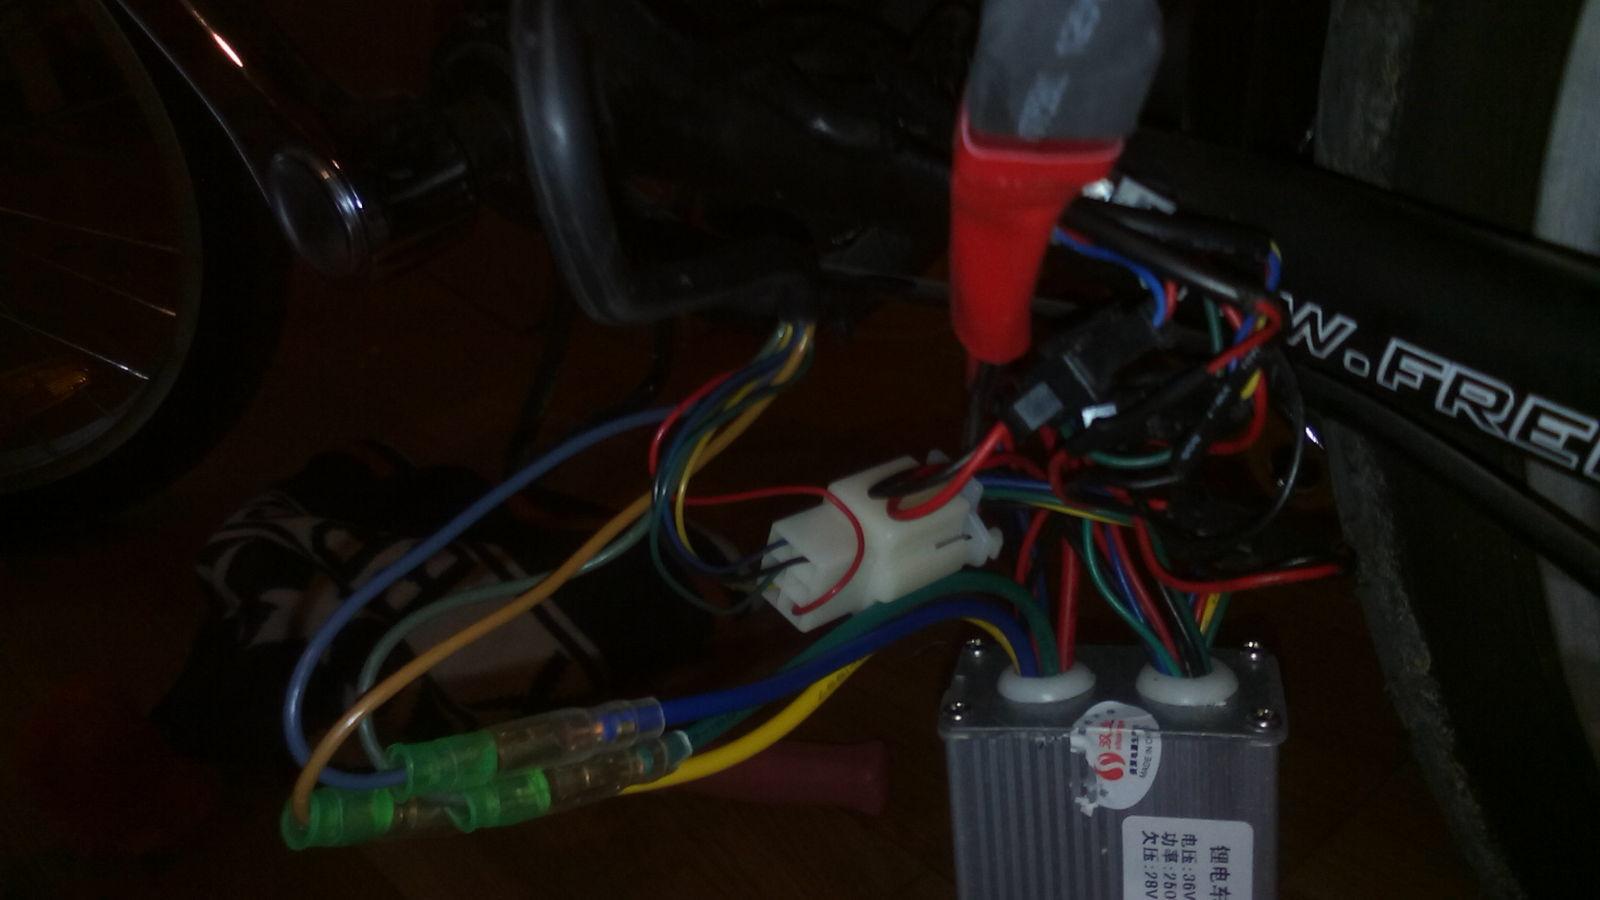 ¿Dónde podría instalar un acelerador? Ay38sm